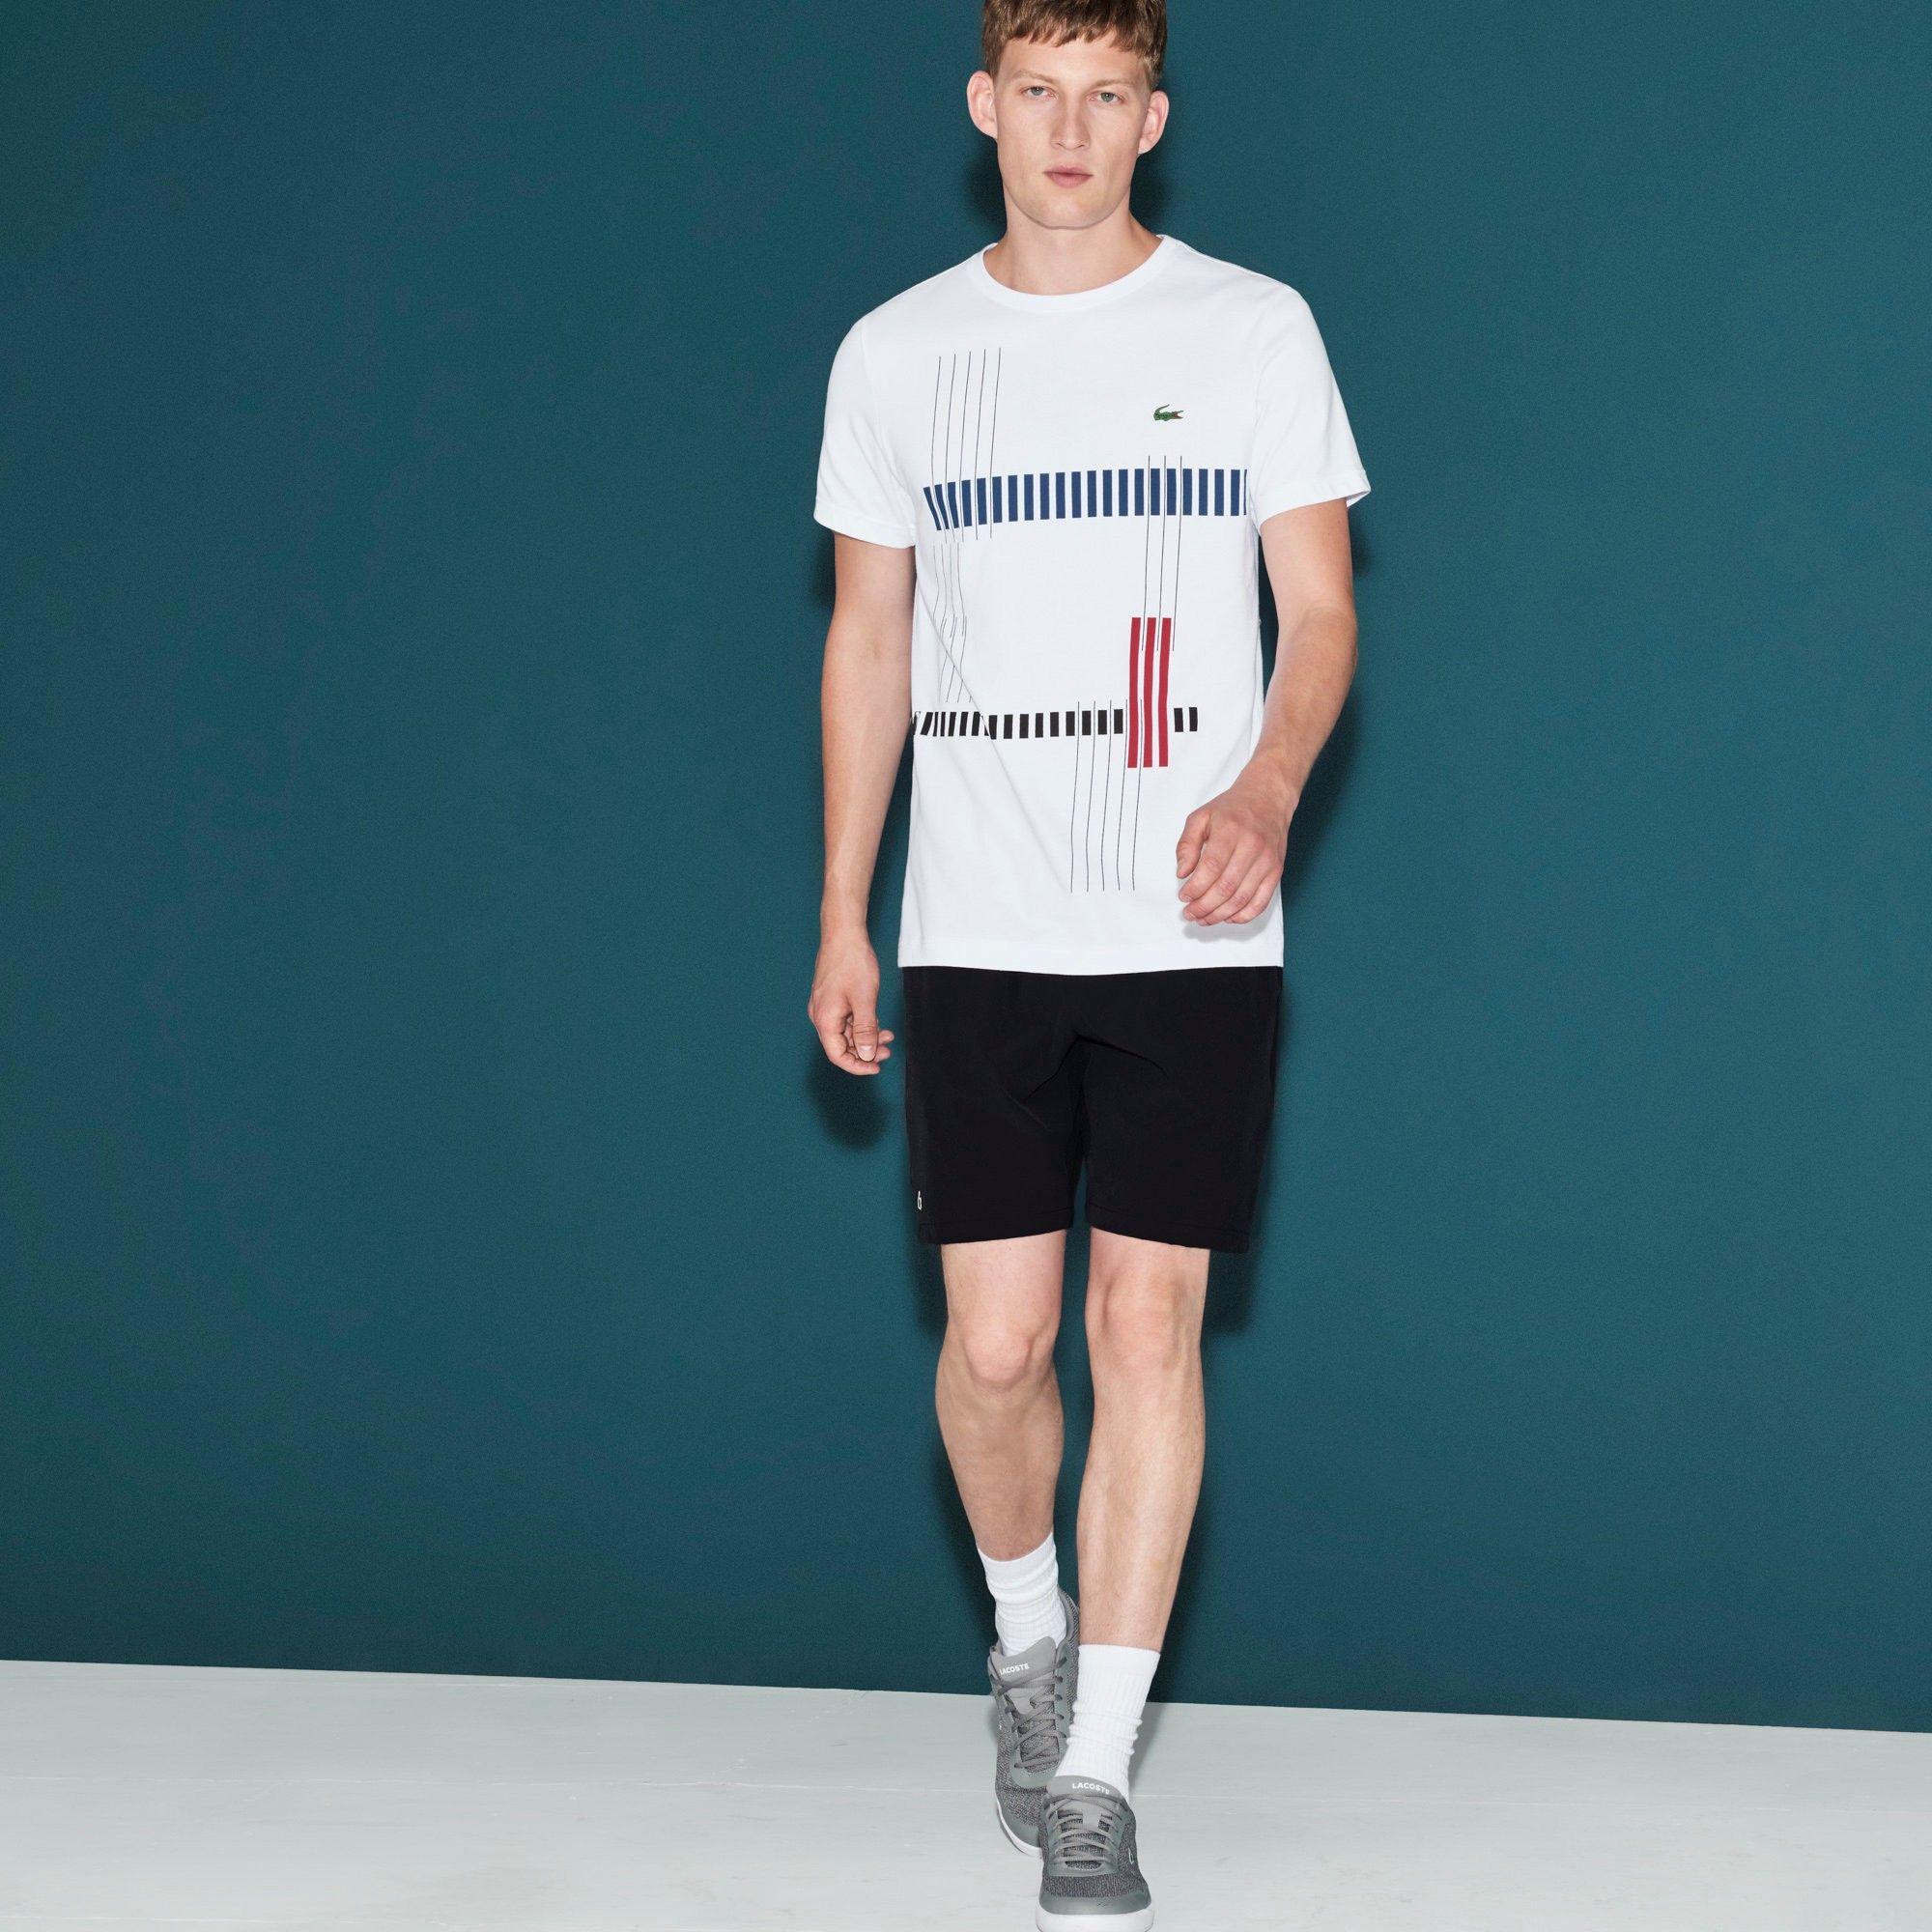 b9c369a3 LACOSTE Men's Lacoste SPORT Tennis Stretch Shorts - black. #lacoste ...